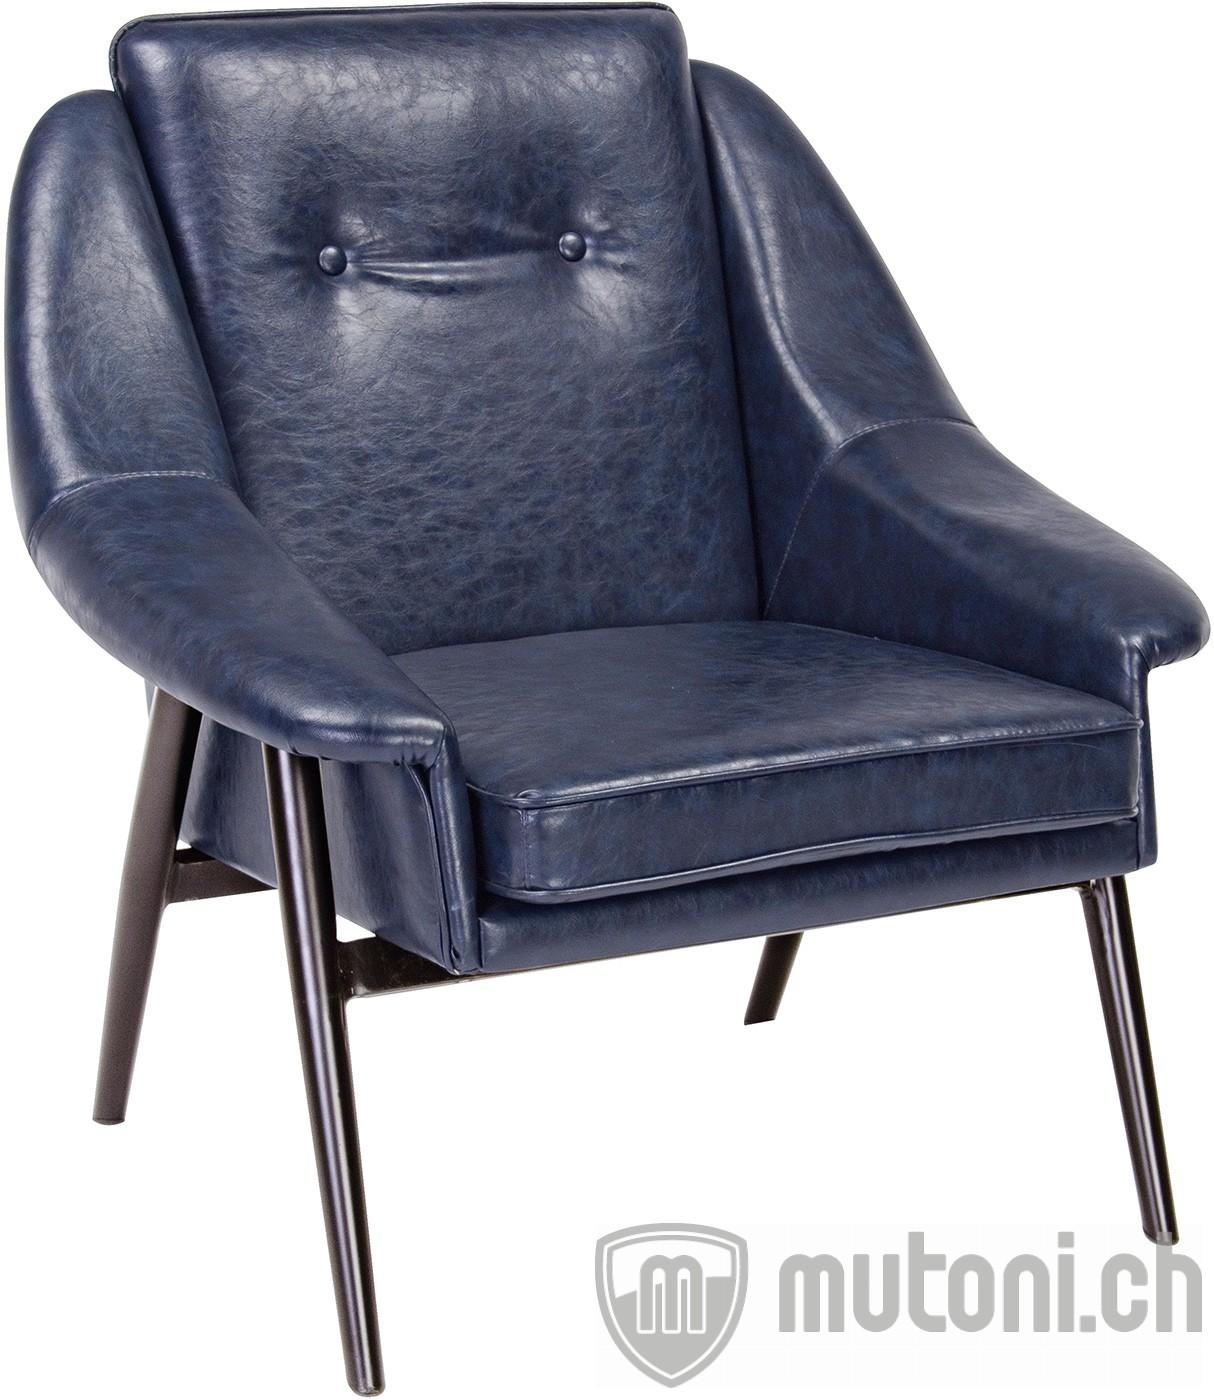 Sessel magnum b vintage blau vintage sessel sessel for Wohnzimmer sessel vintage